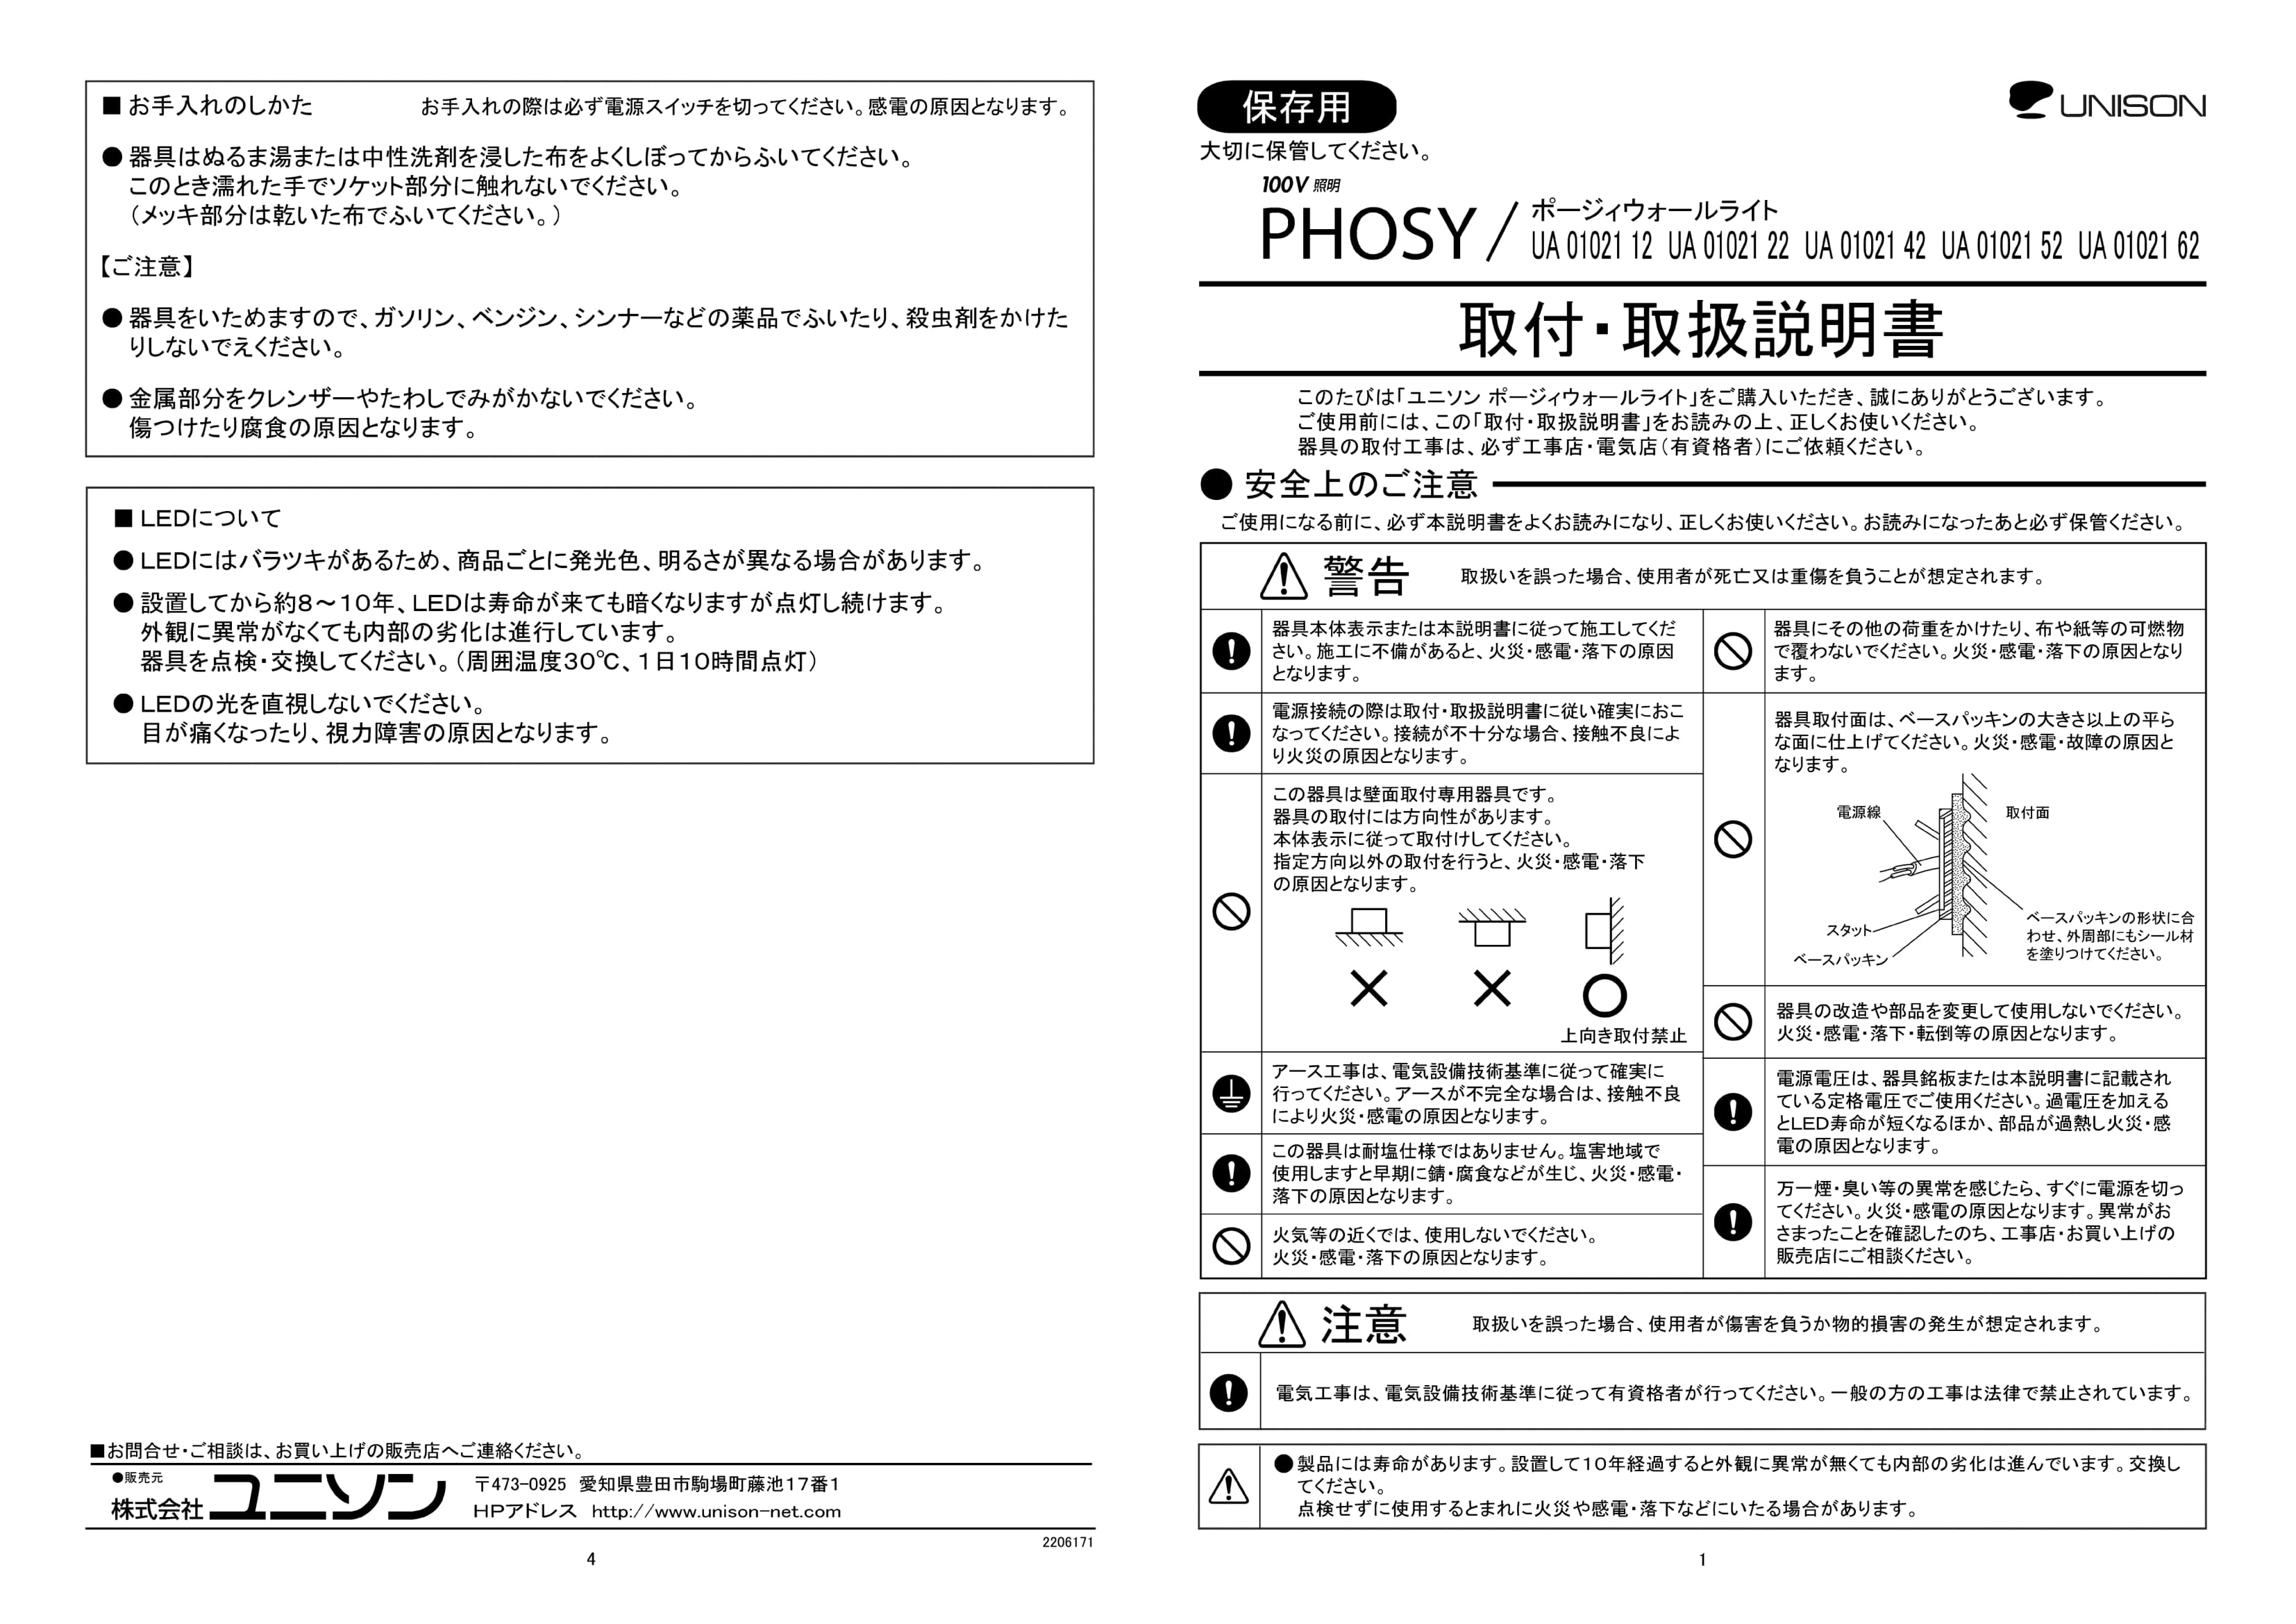 ポージィウォールライト UA 01021 12、22、52、42、62_取扱説明書-1